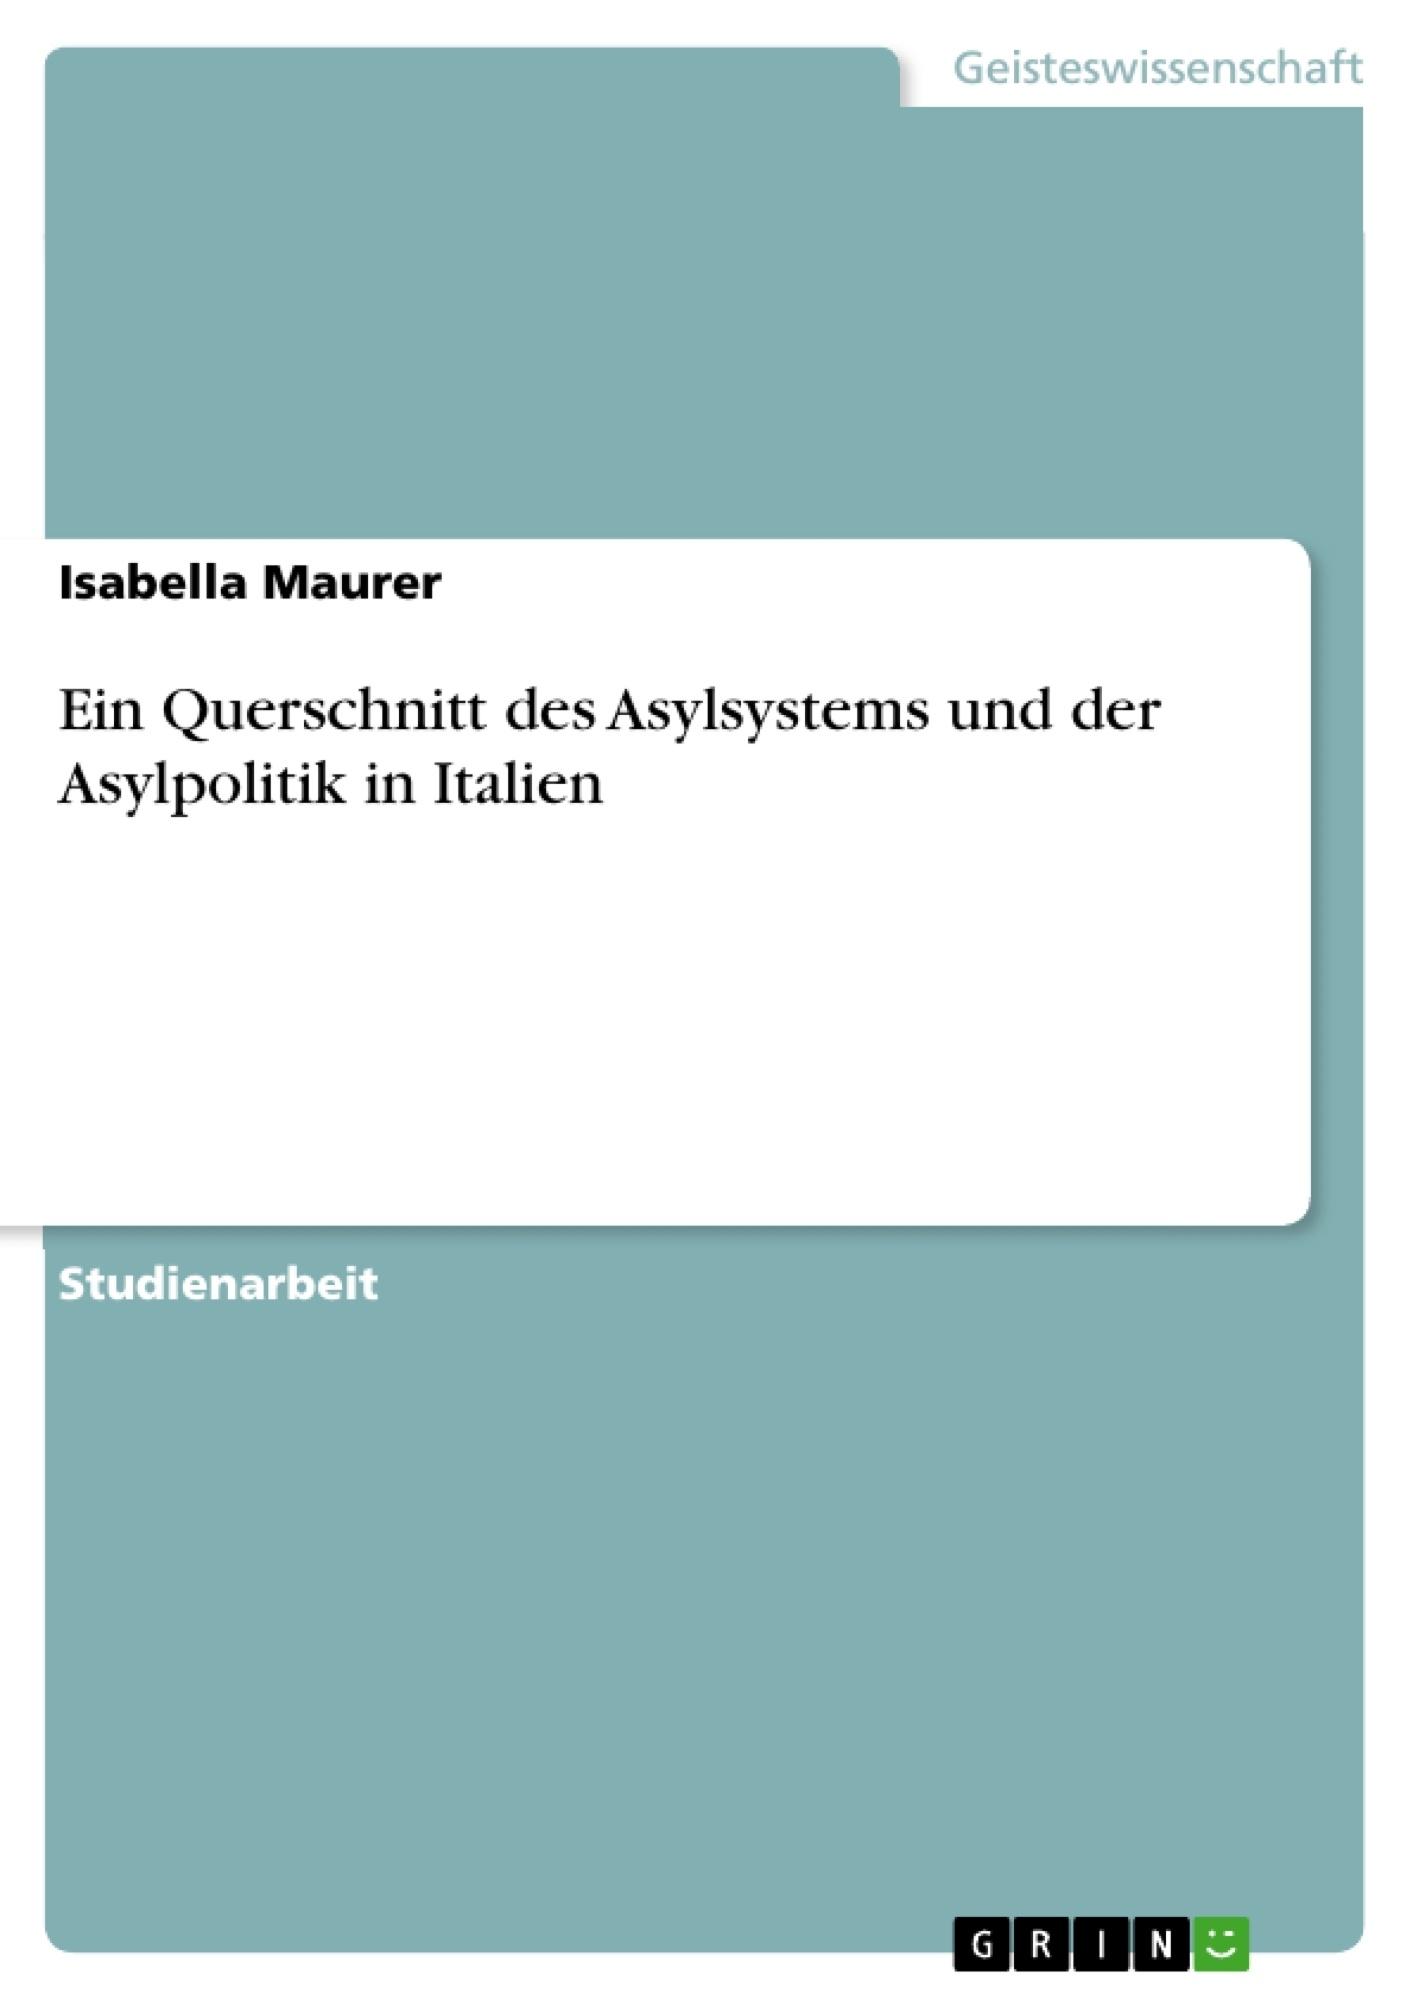 Titel: Ein Querschnitt des Asylsystems und der Asylpolitik in Italien